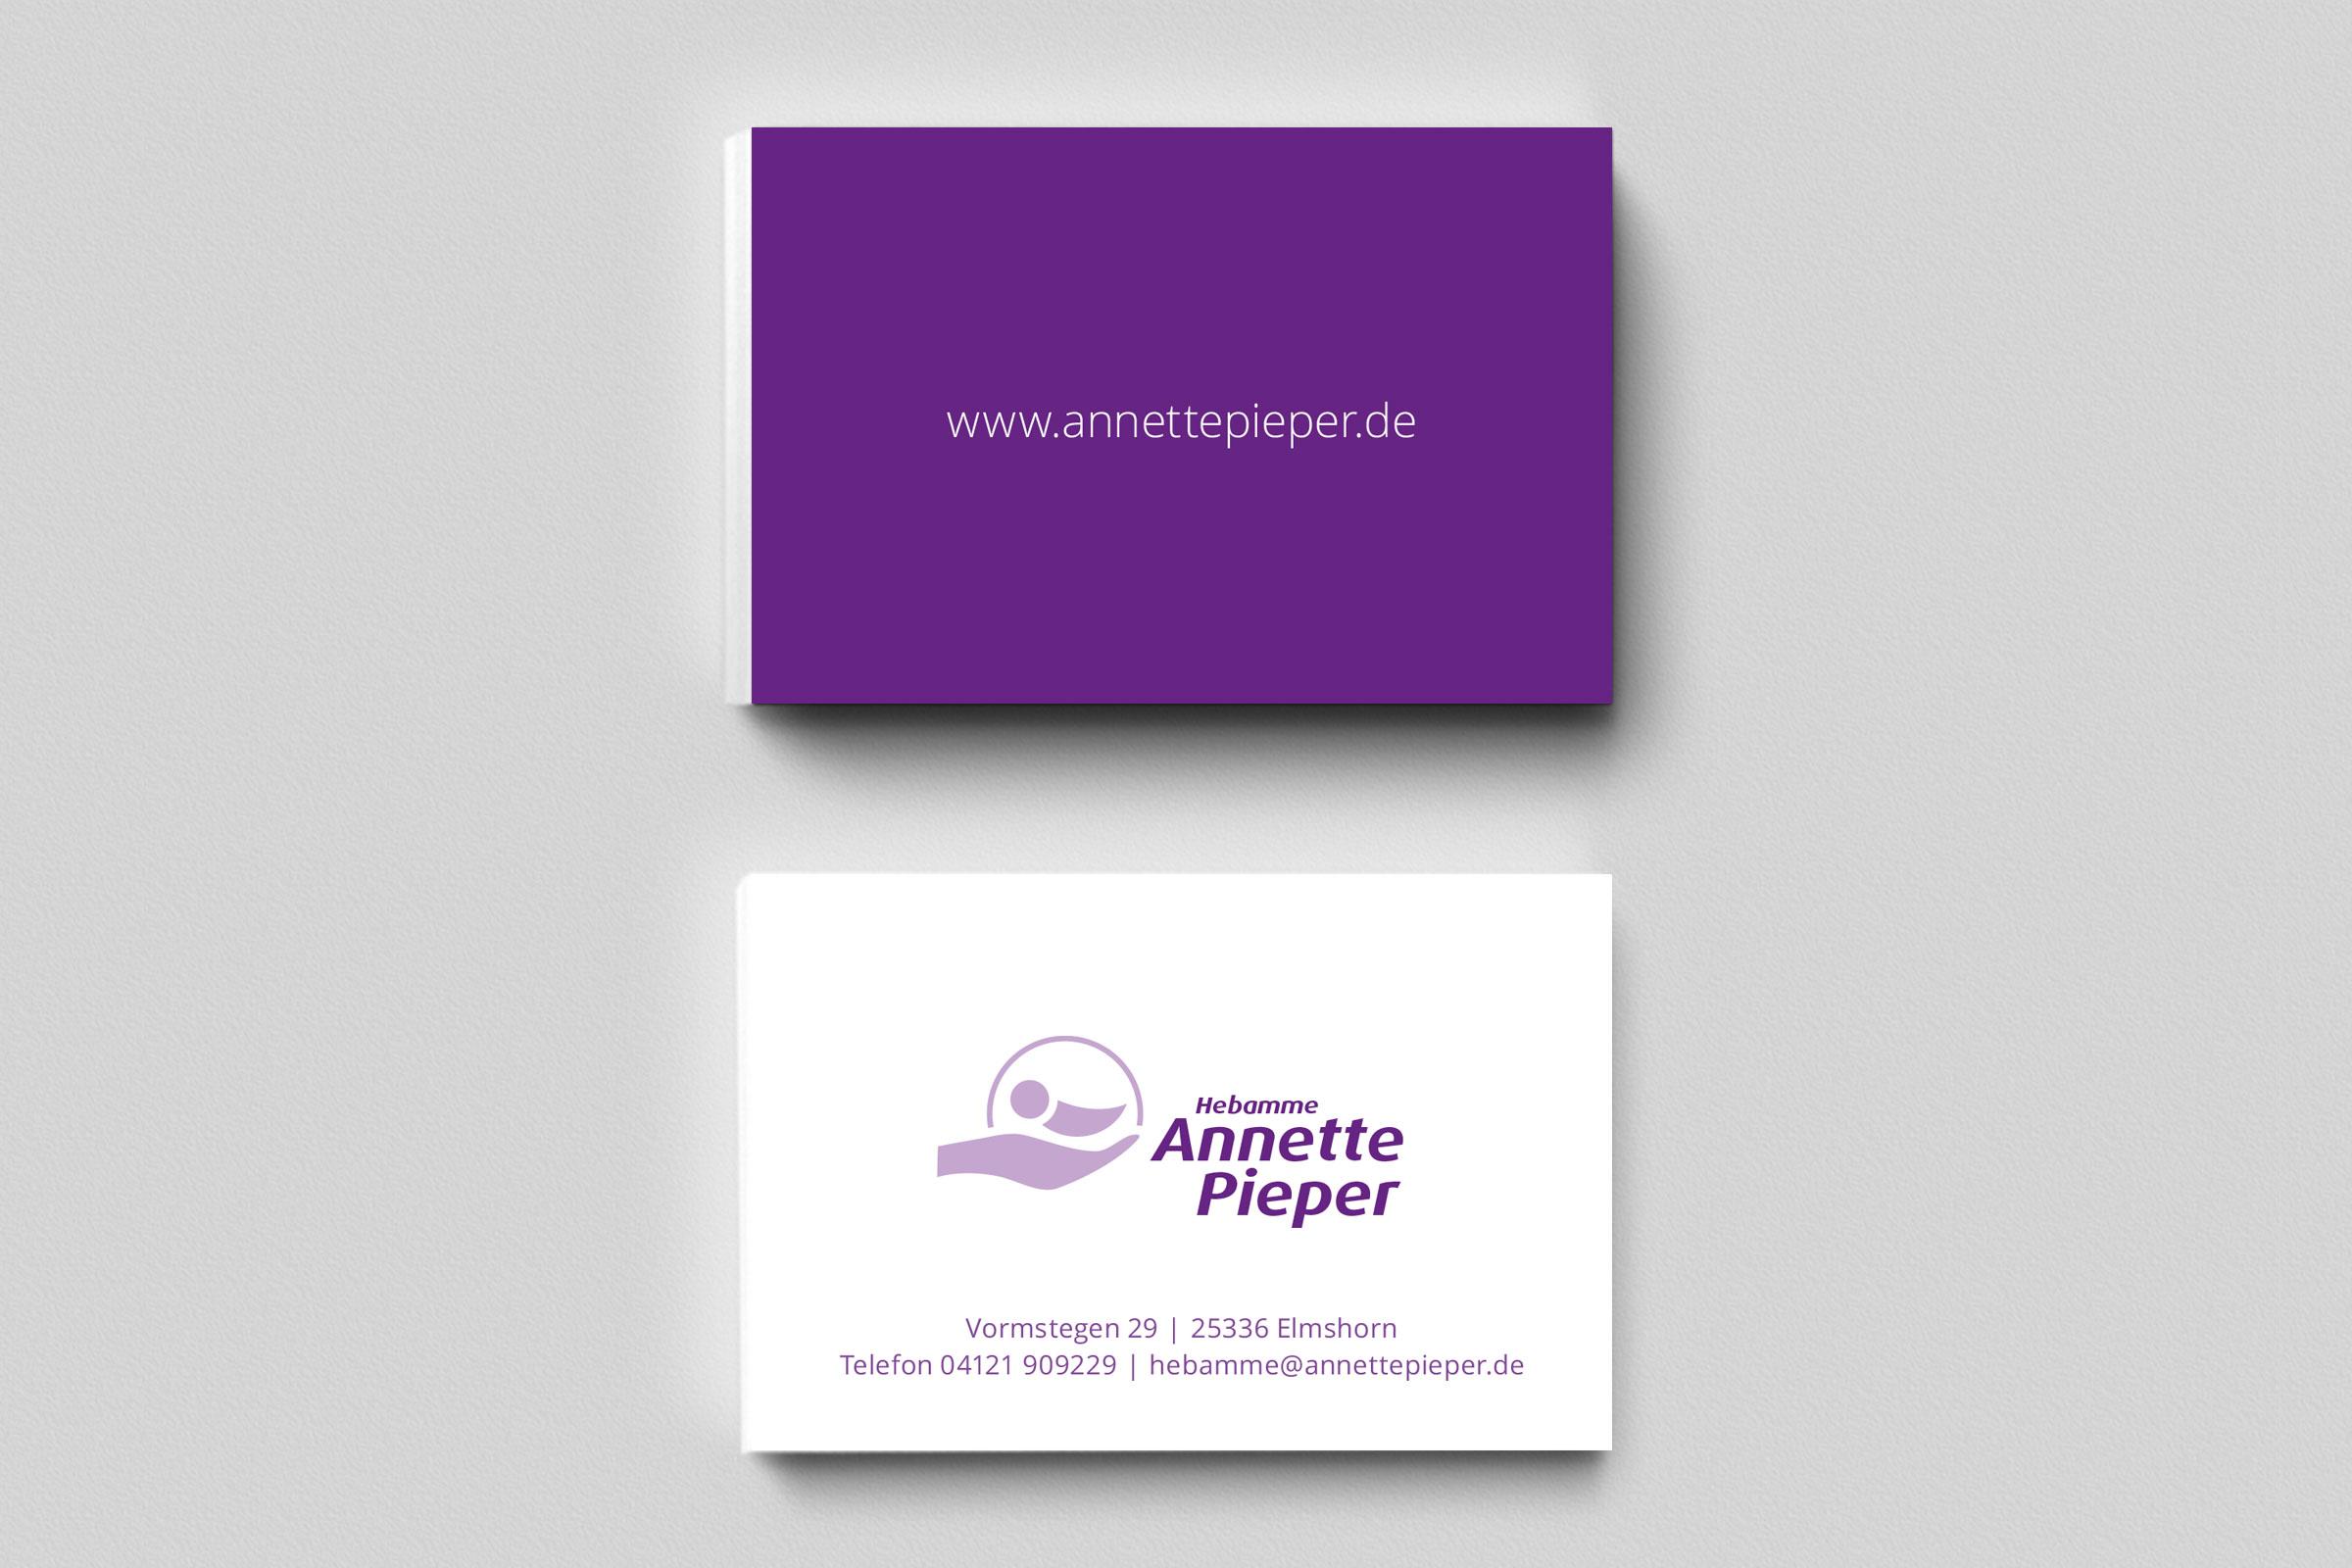 Visitenkarten Annette Pieper